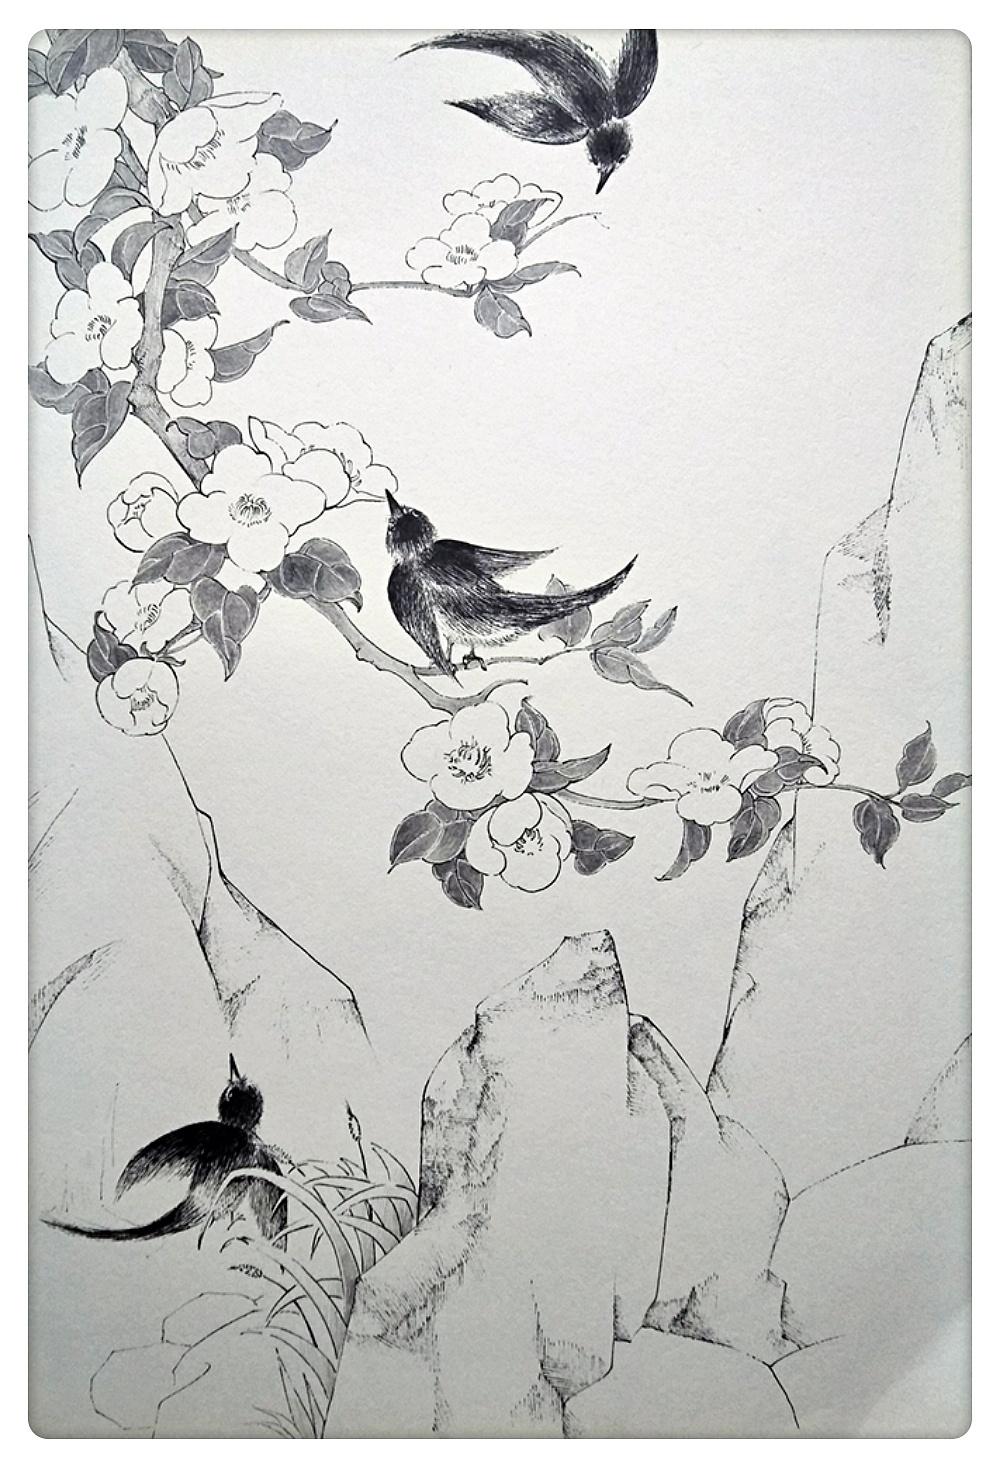 黑白风景画_黑白线描风景图片展示_黑白线描风景相关图片下载